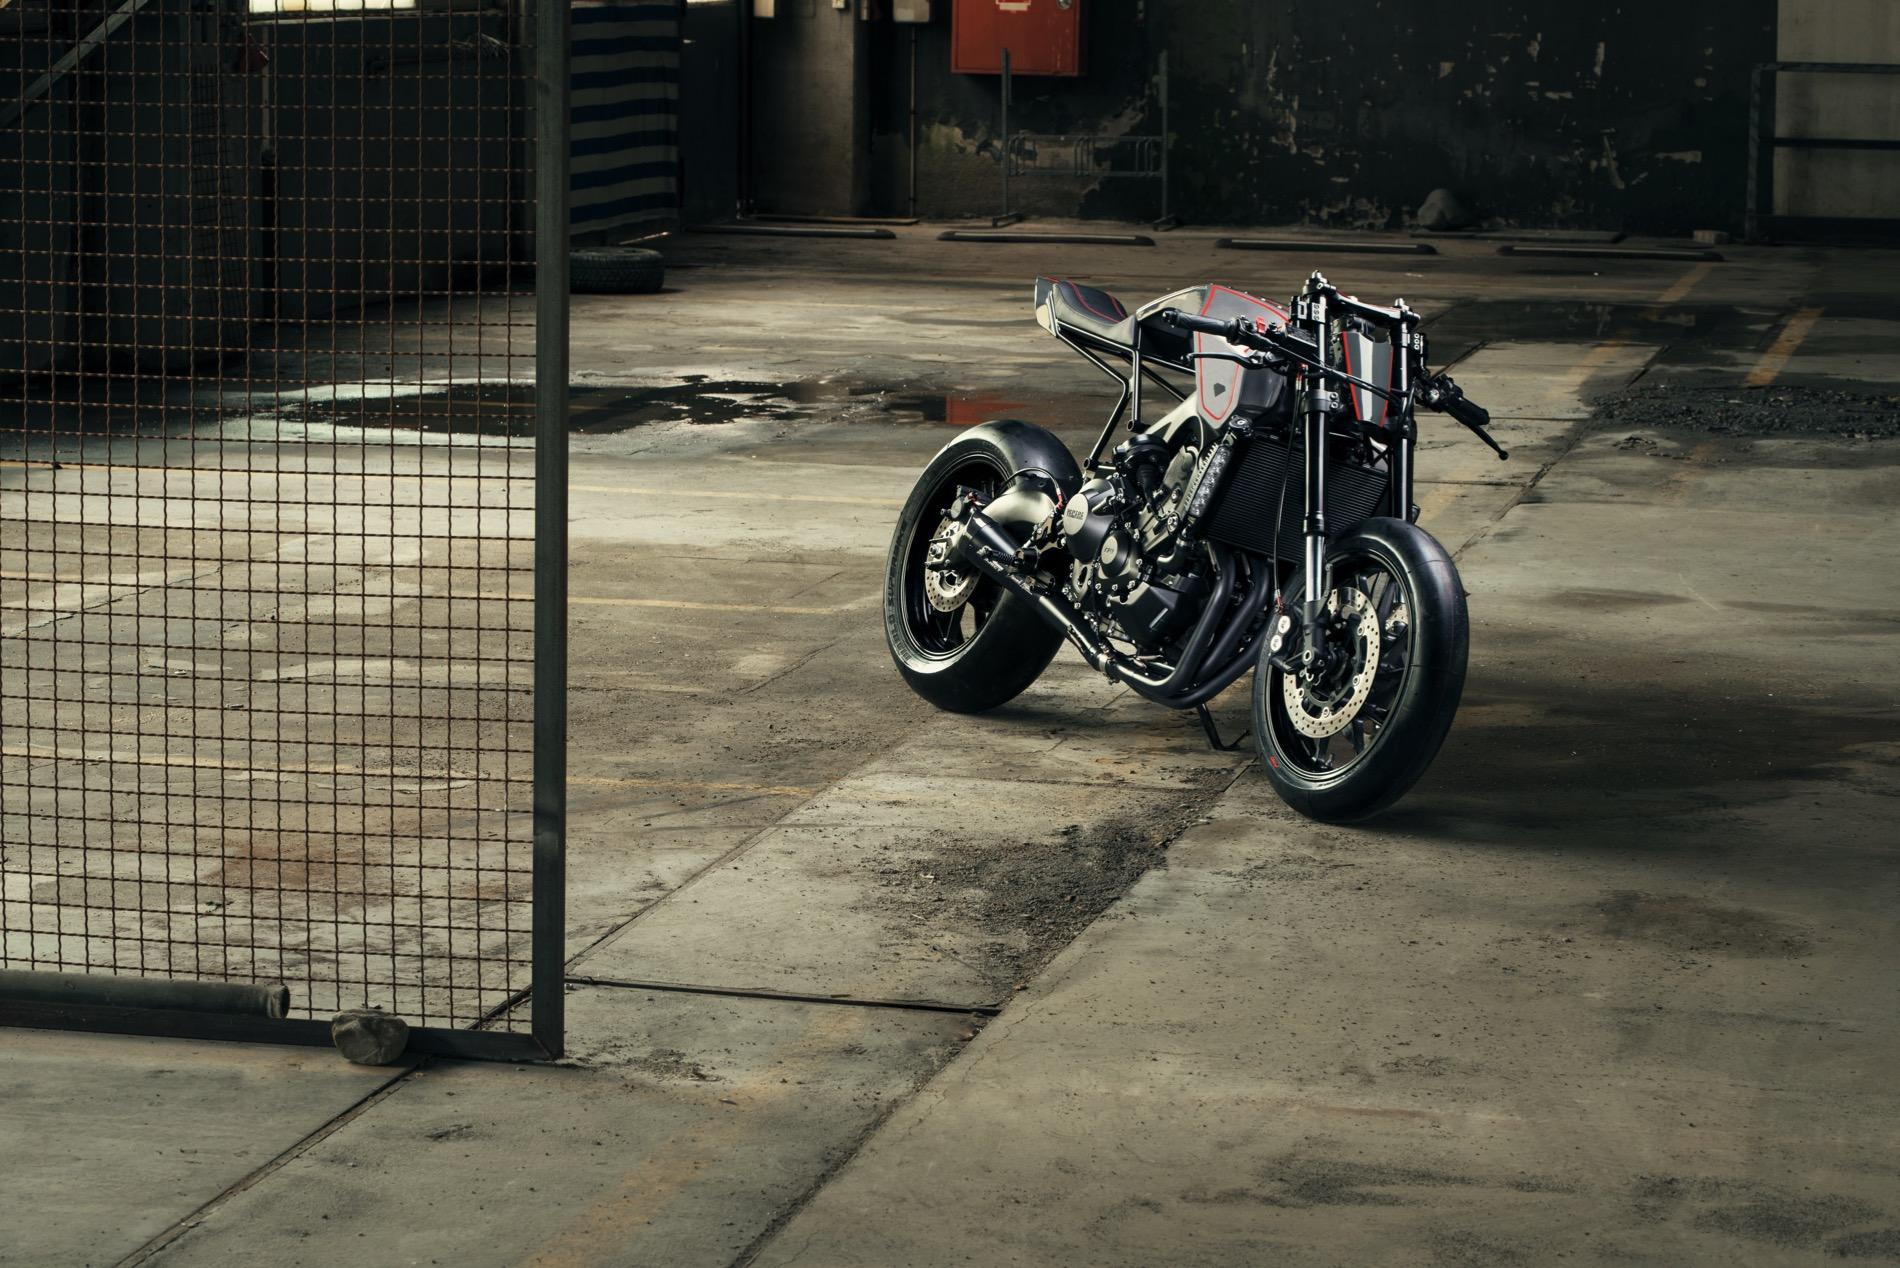 DA13 Yamaha XSR 900 Aka AEon